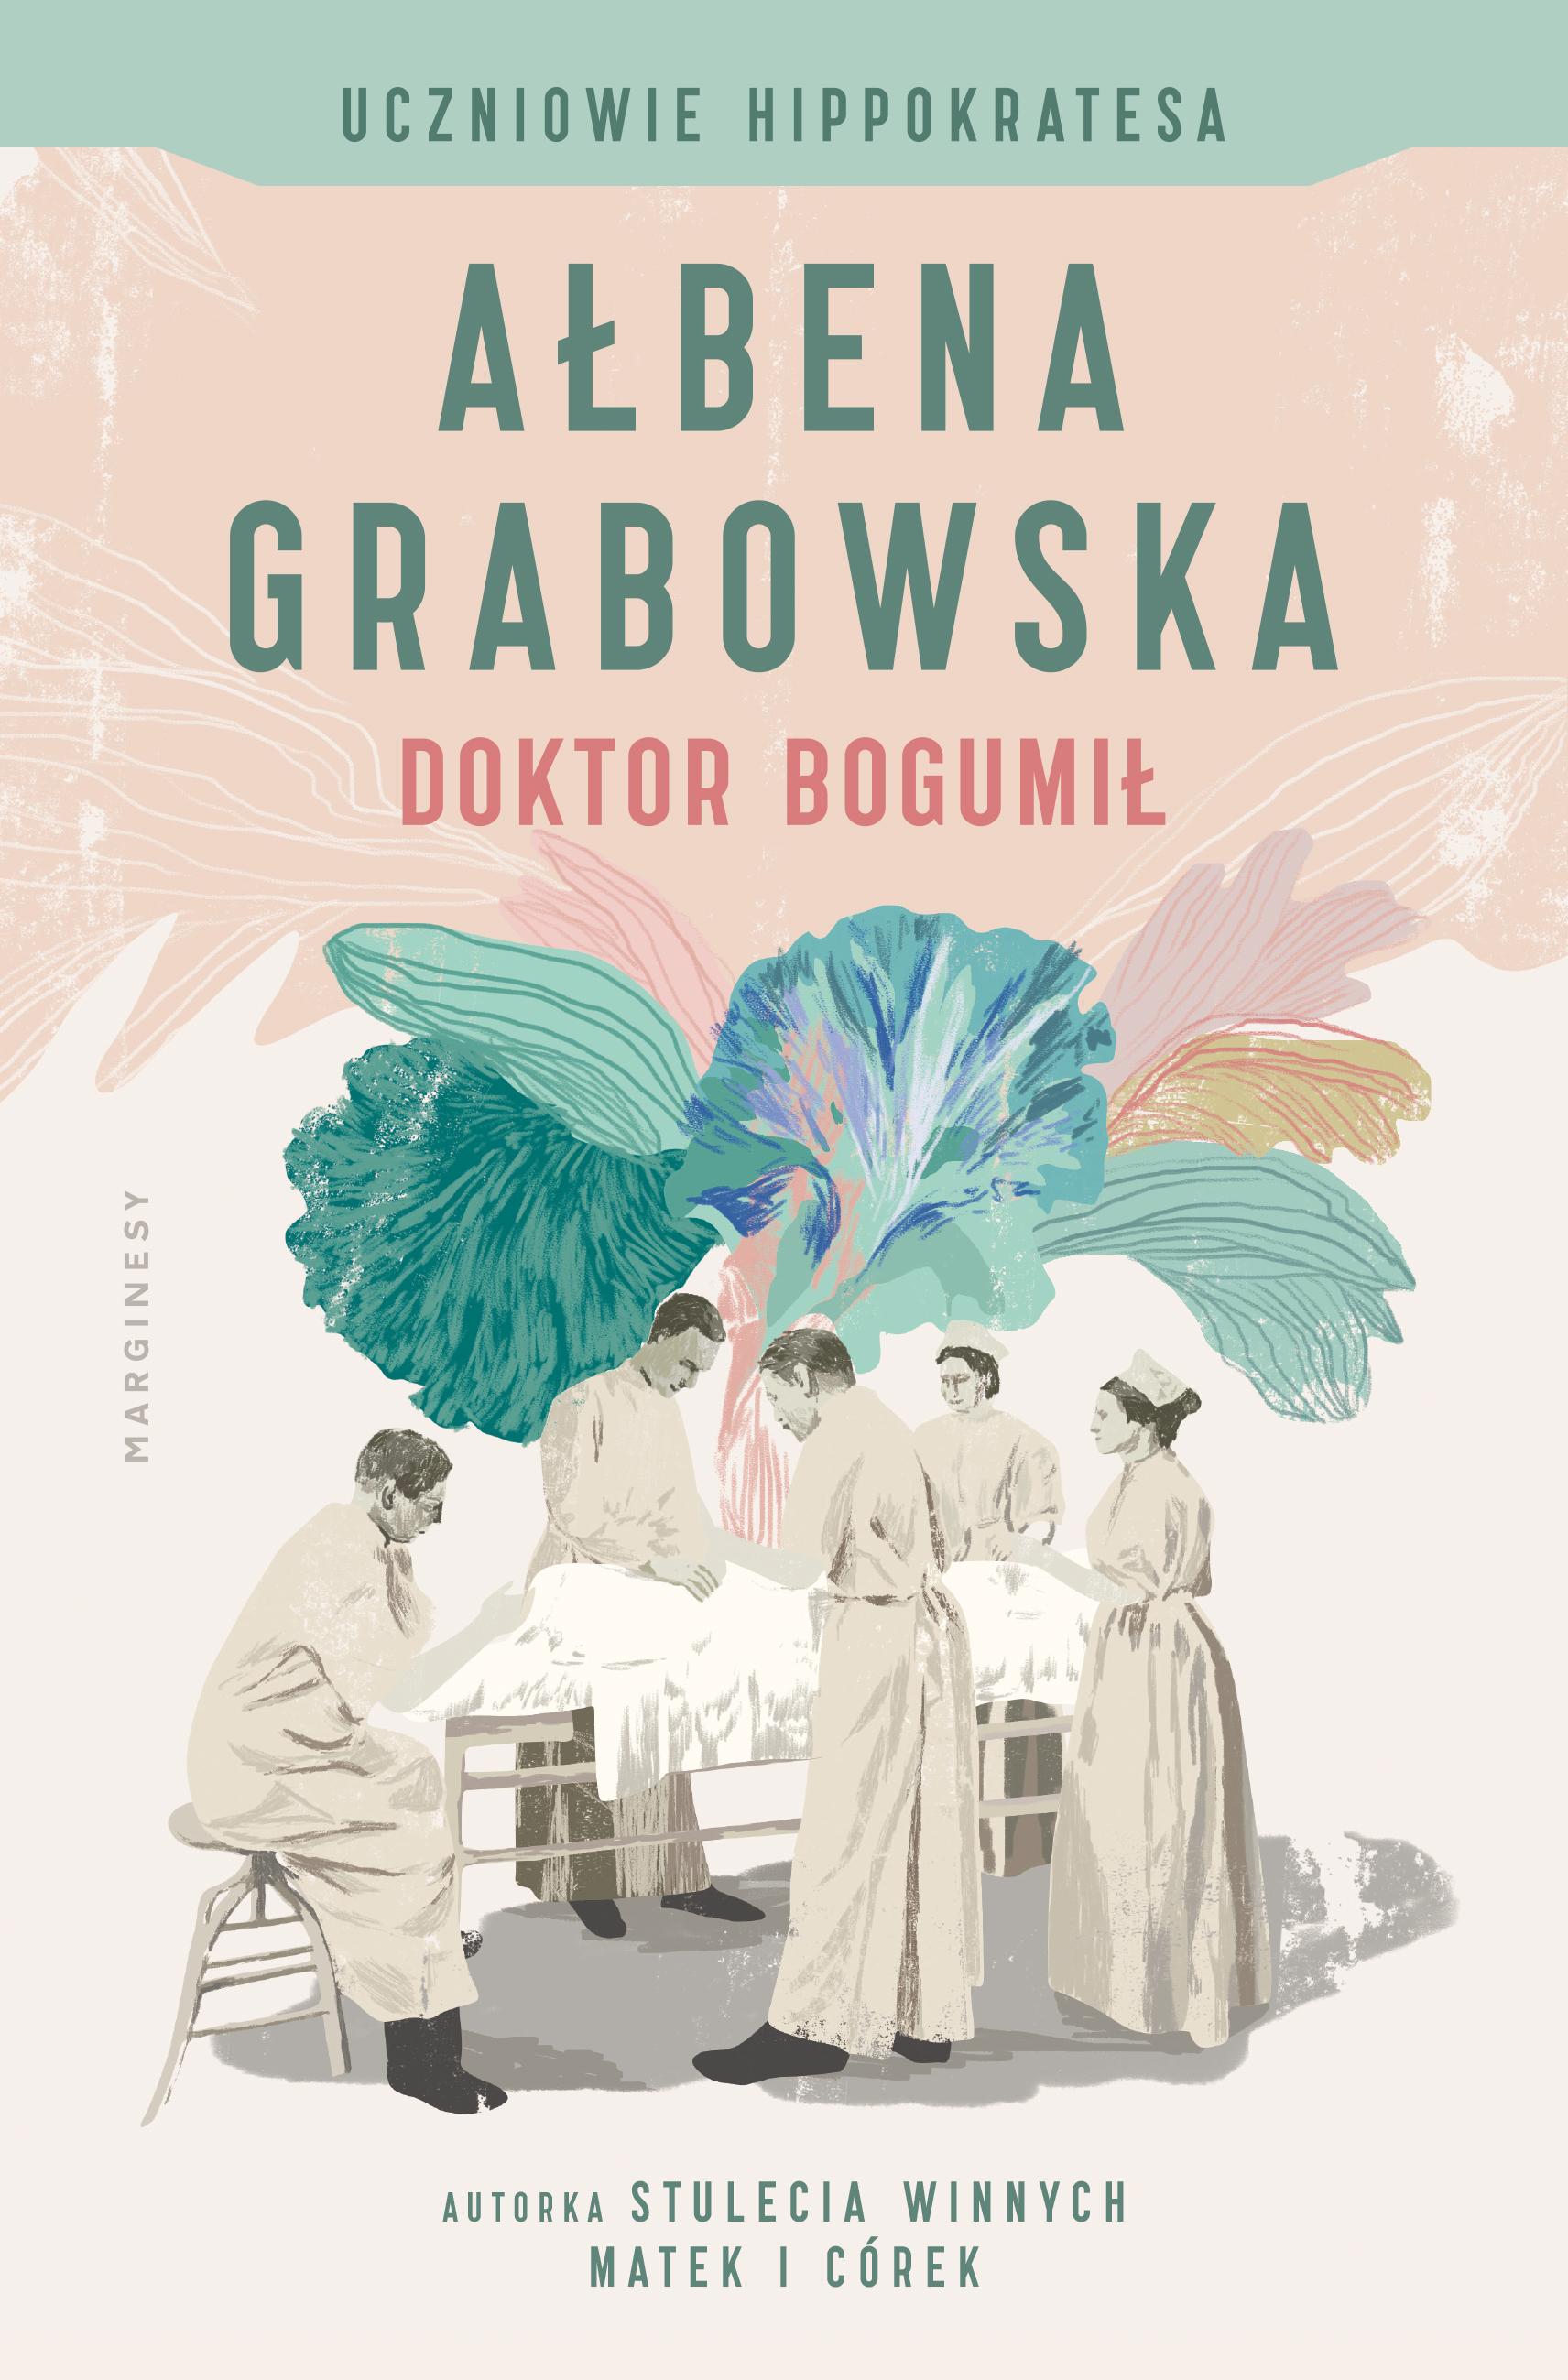 """SZPIEG W  KSIĘGARNI """"Uczniowie Hippokratesa. Doktor Bogumił"""" Ałbena Grabowska - recenzja"""